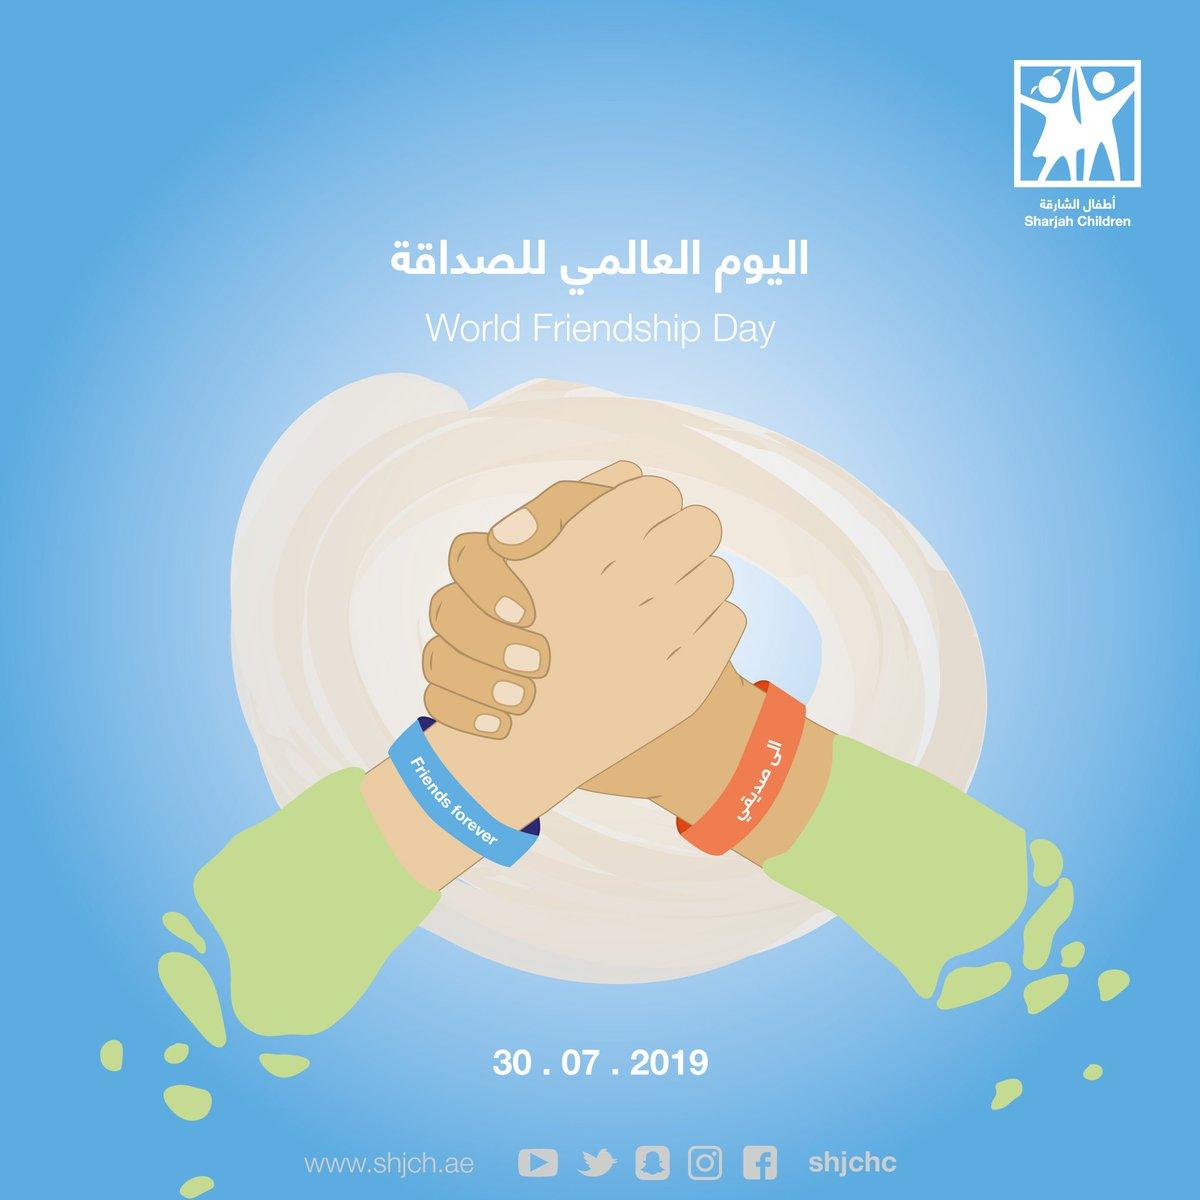 #اليوم_العالمي_للصداقة #FriendshipDay @rqsharjah  #rubuqarn  #ربع_قرن #ربع_قرن_الشارقة  #أطفال_الشارقة  #الشارقة #الإمارات #sharjah #uae 🇦🇪 https://t.co/WeVp0MaaLn